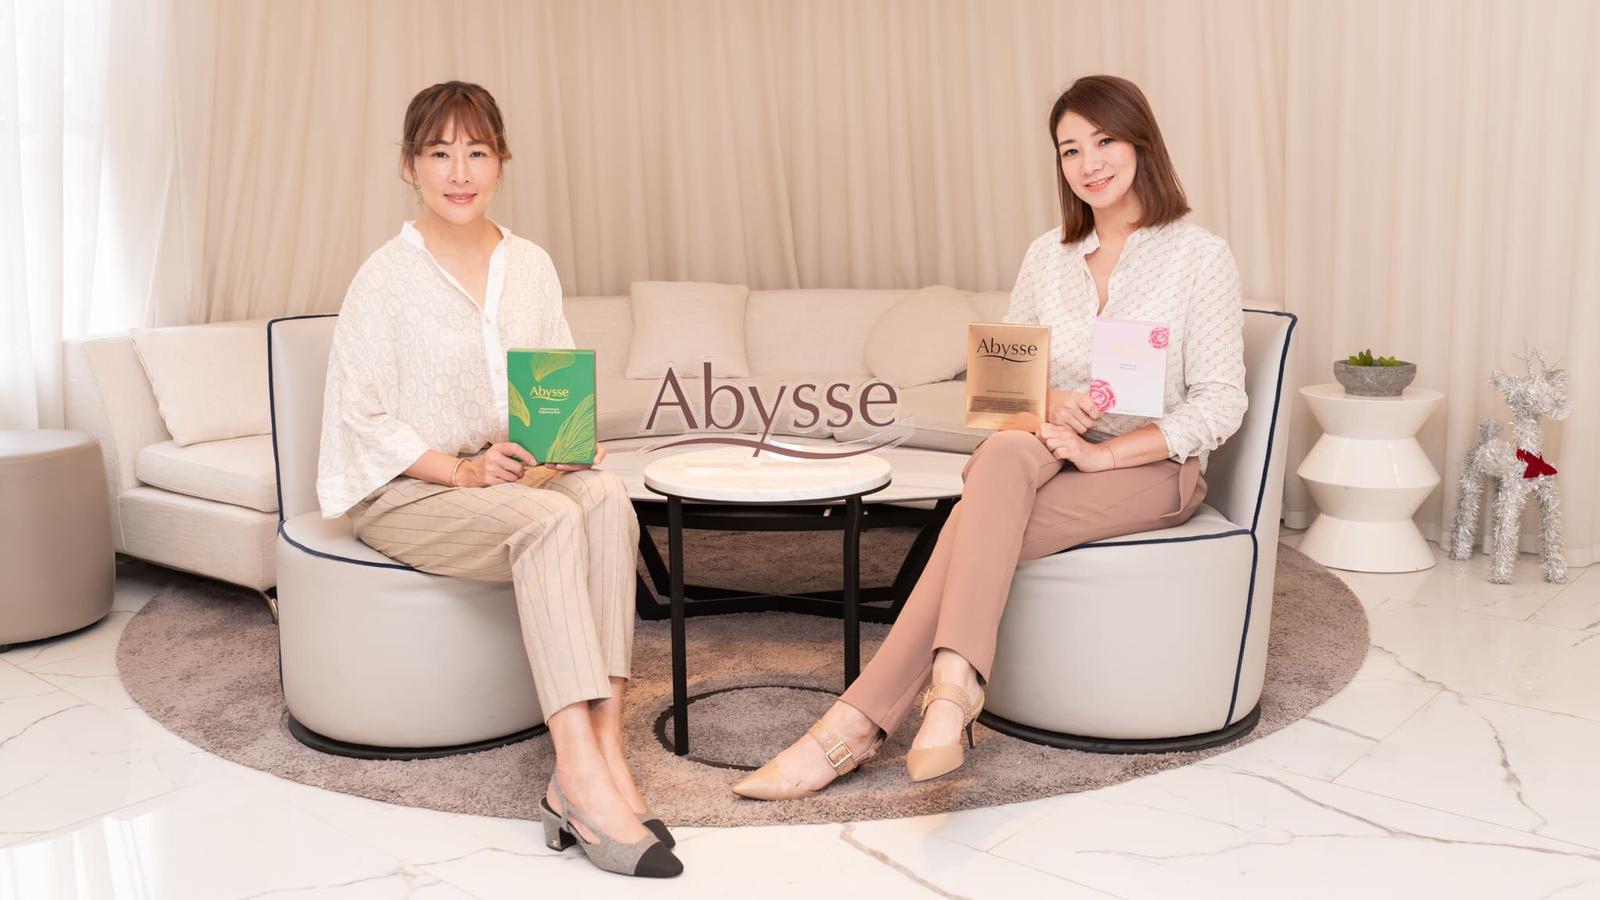 誰說電商一定要打價格戰?Abysse 在電商經營用不同的思路,做保養界的精品品牌